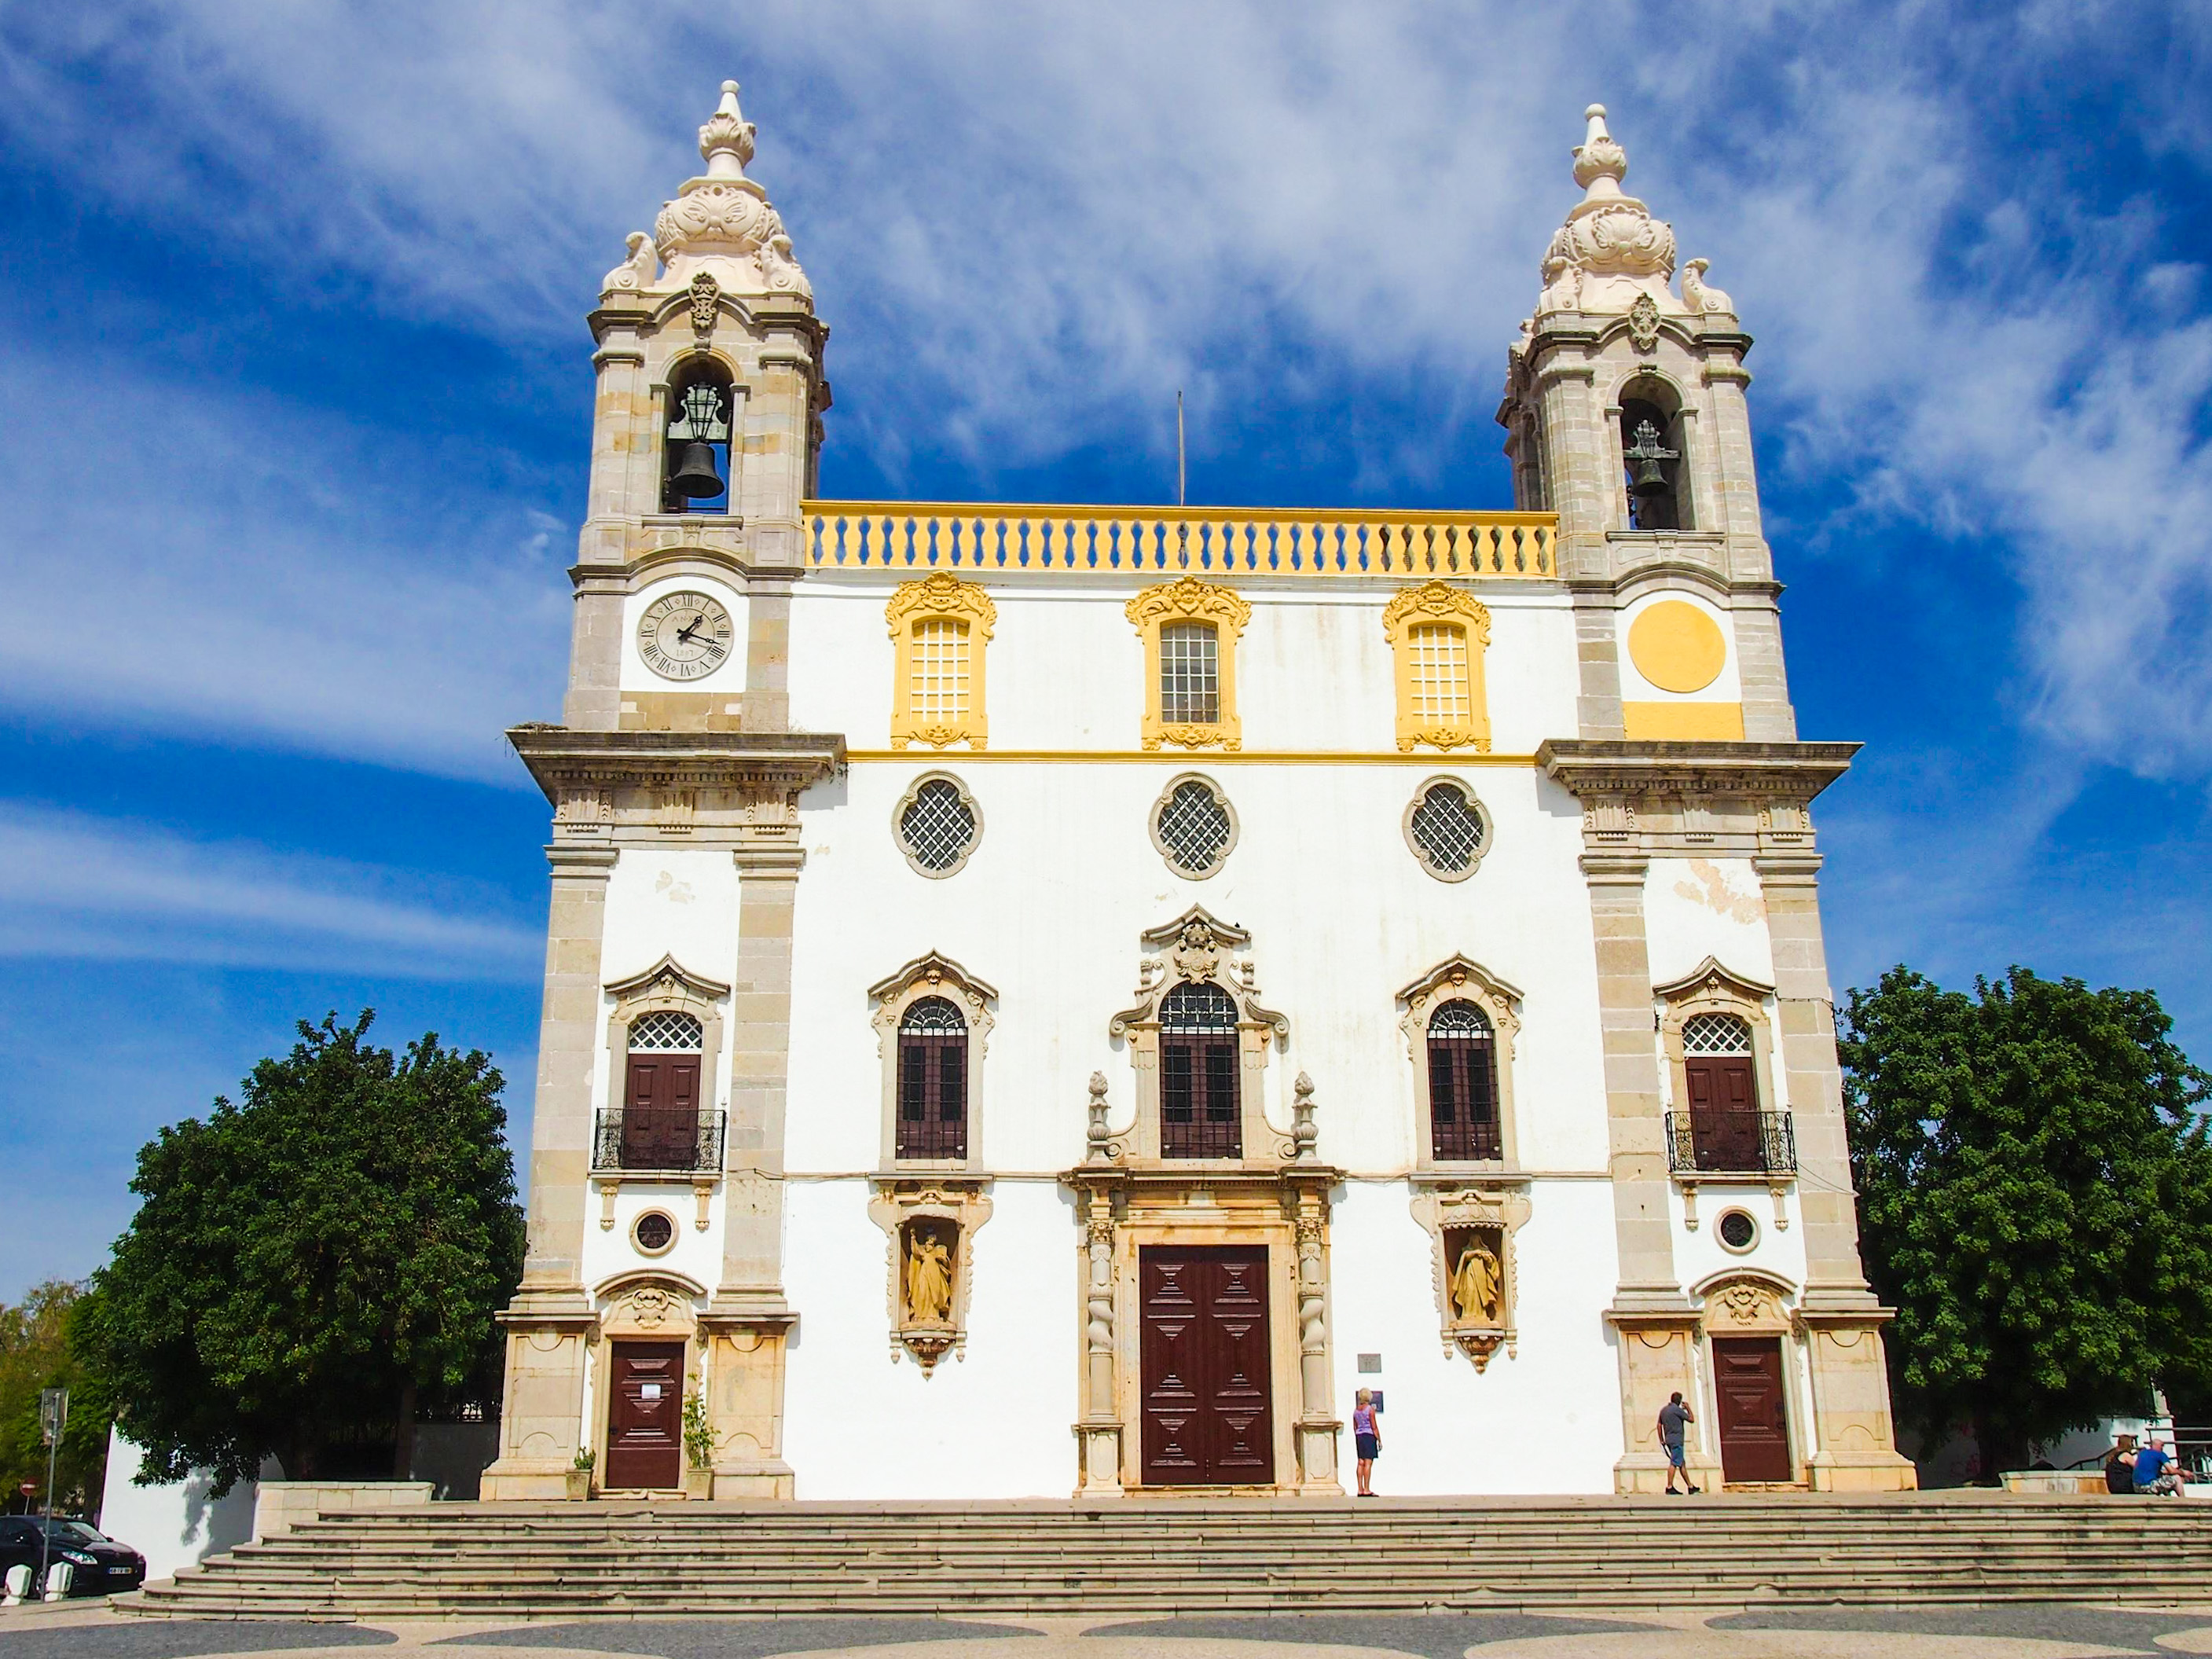 Igreja do Carmo, Faro. Igreja means Church in Portuguese.